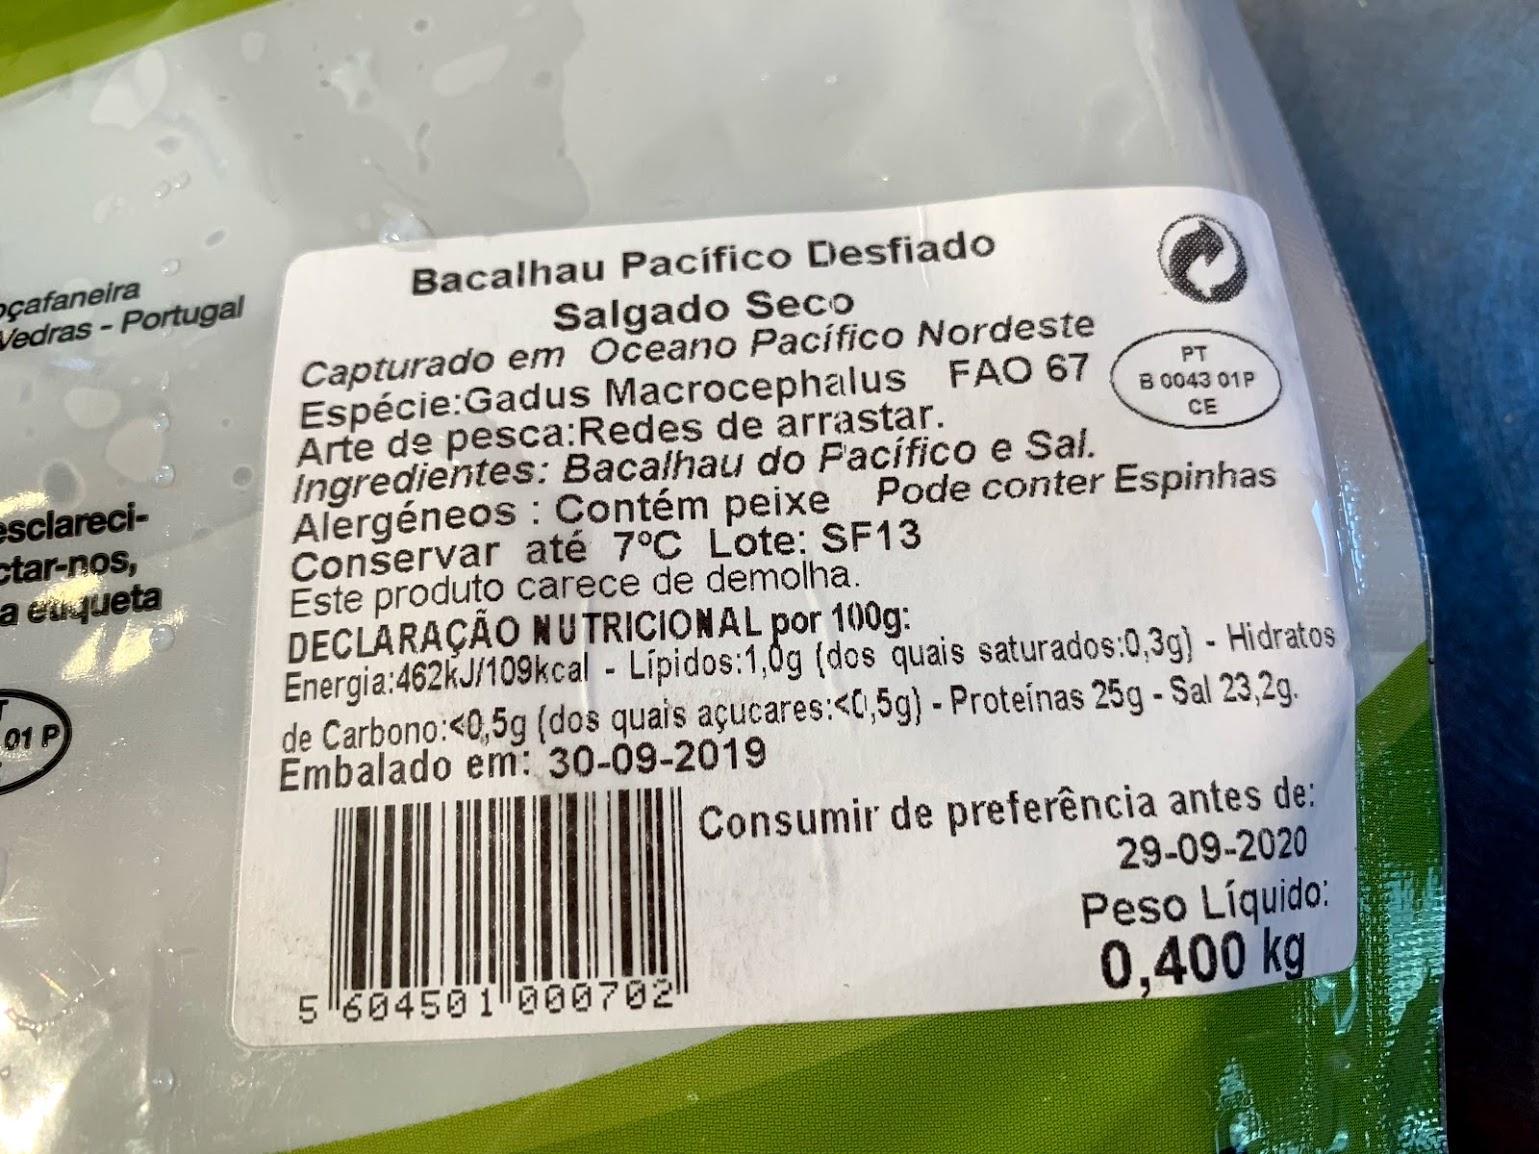 栄養成分表示をチェックすると、バカリャウ100g中に含まれる塩分は23.2g、これを塩抜きします